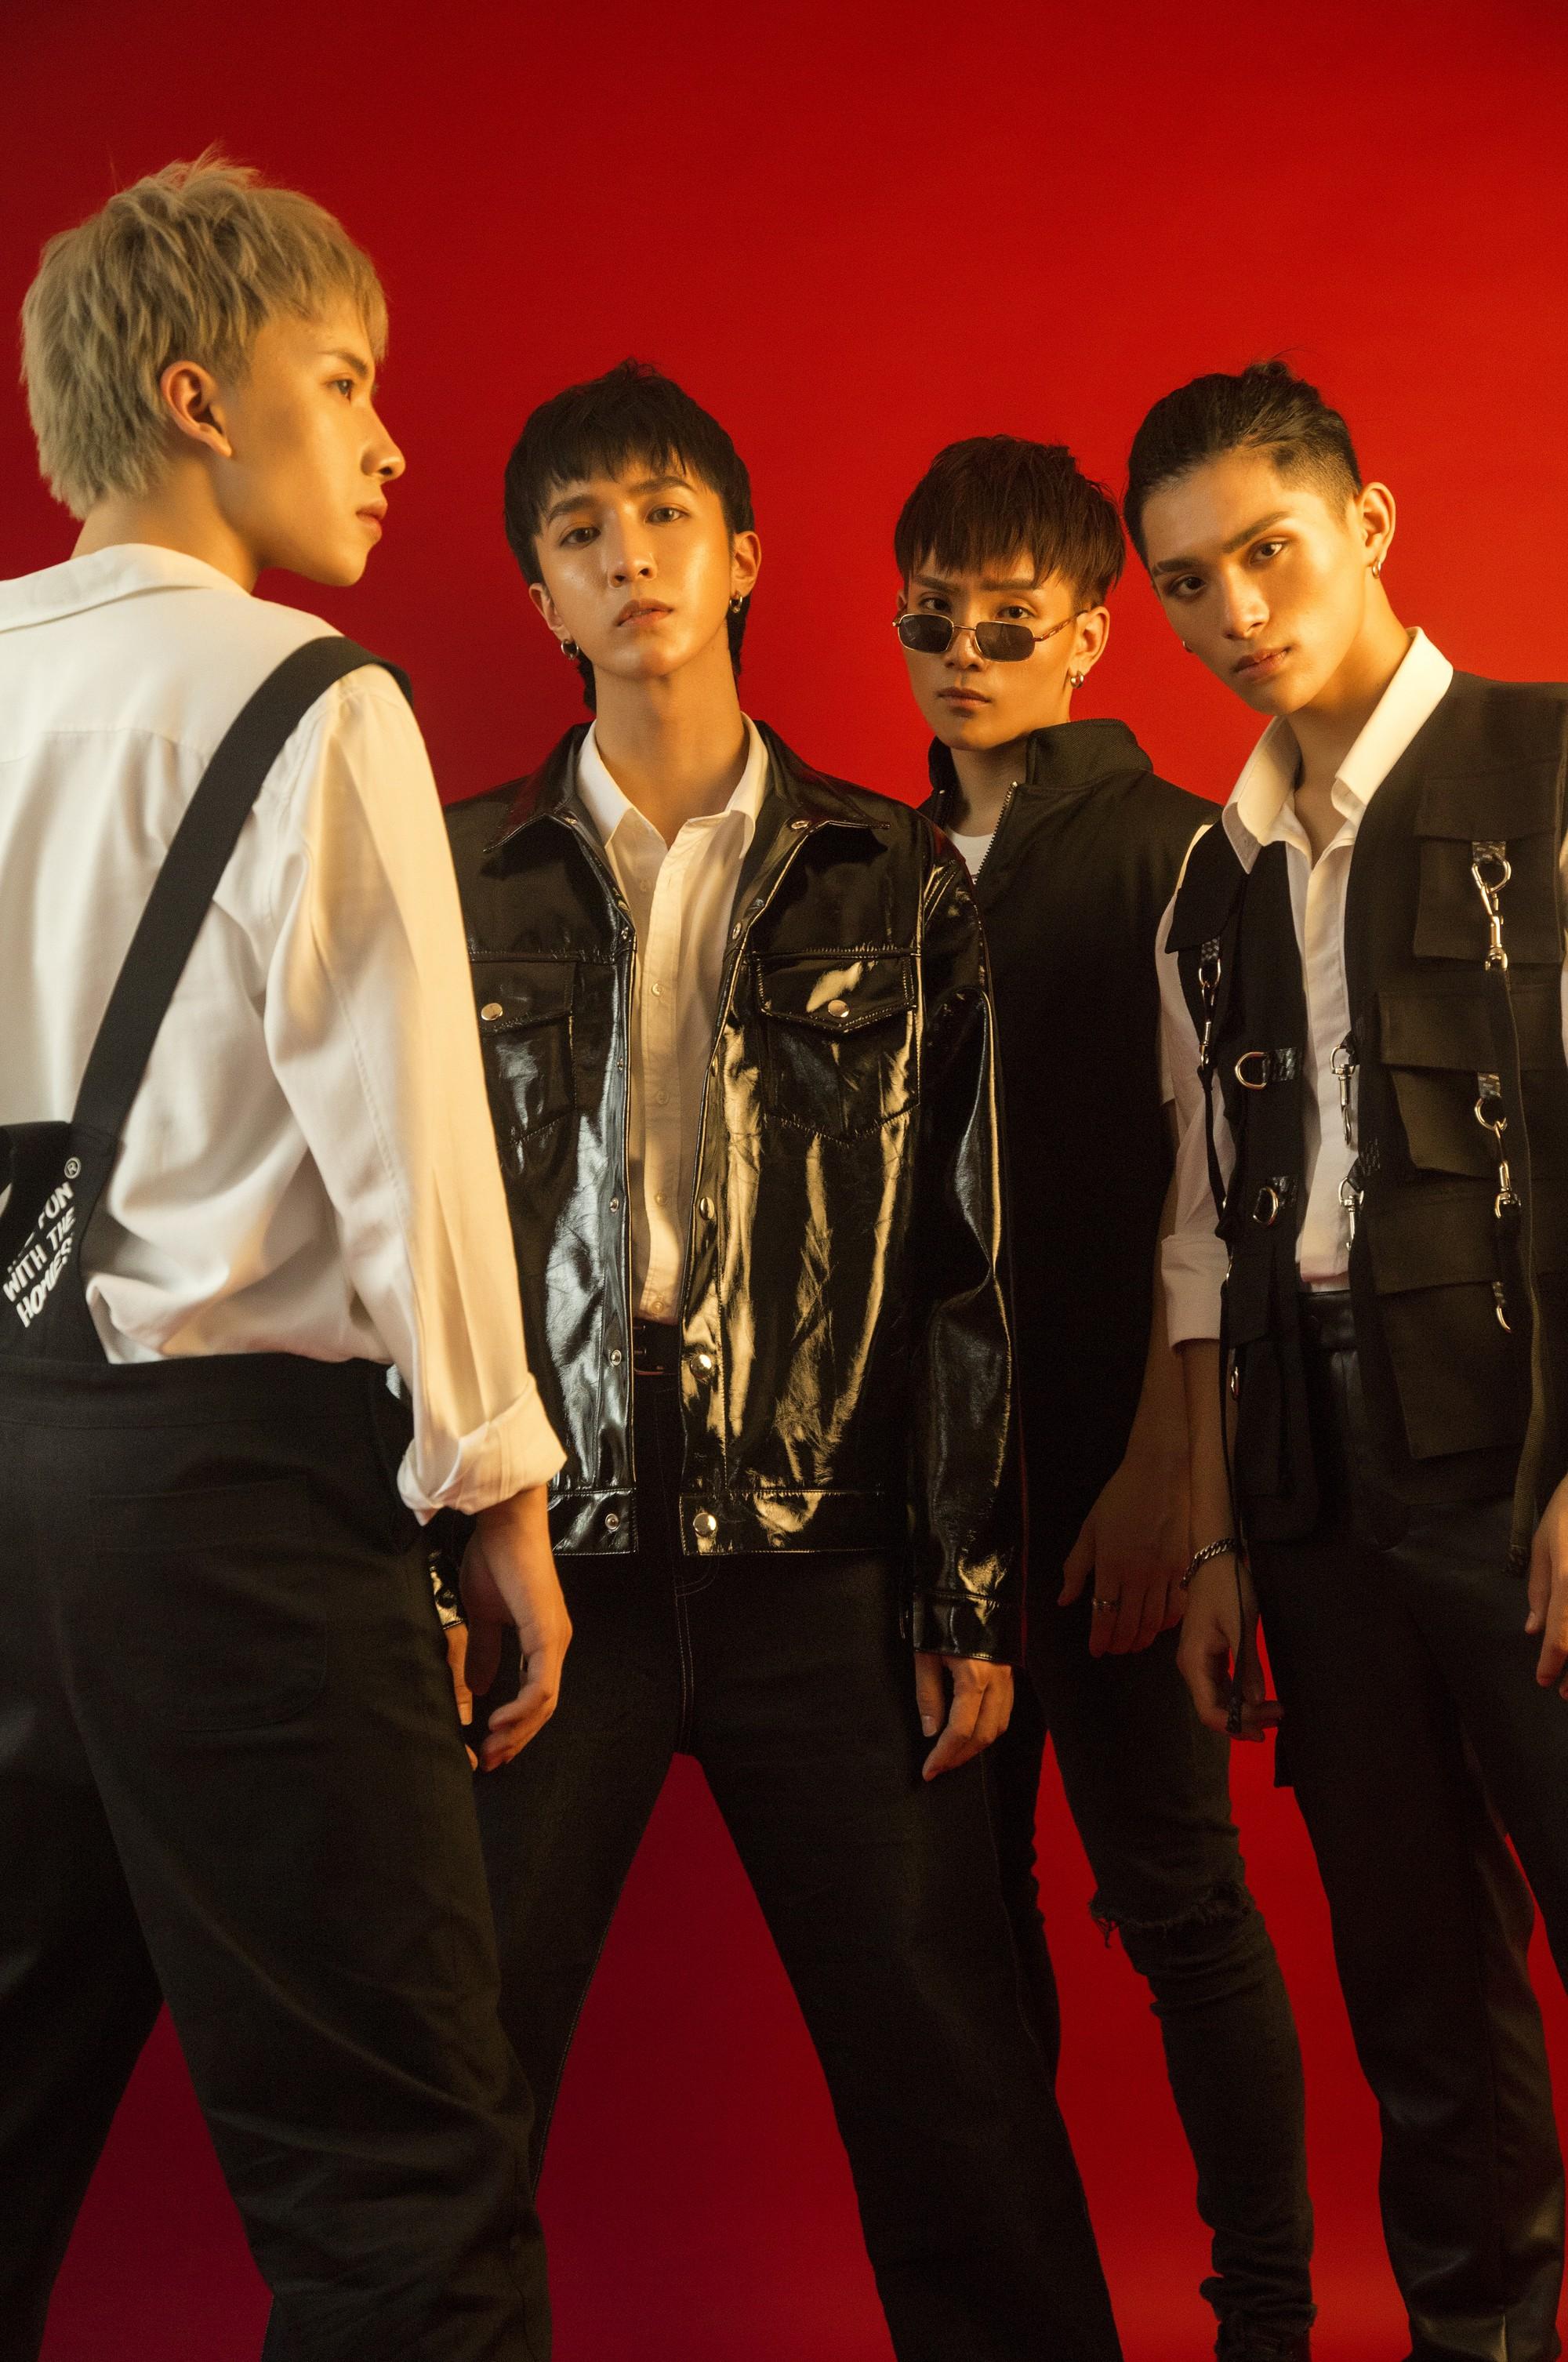 Monstar tung MV với đội hình 4 thành viên, kể chuyện về những người cố chấp níu kéo tình yêu đã hết - Ảnh 2.